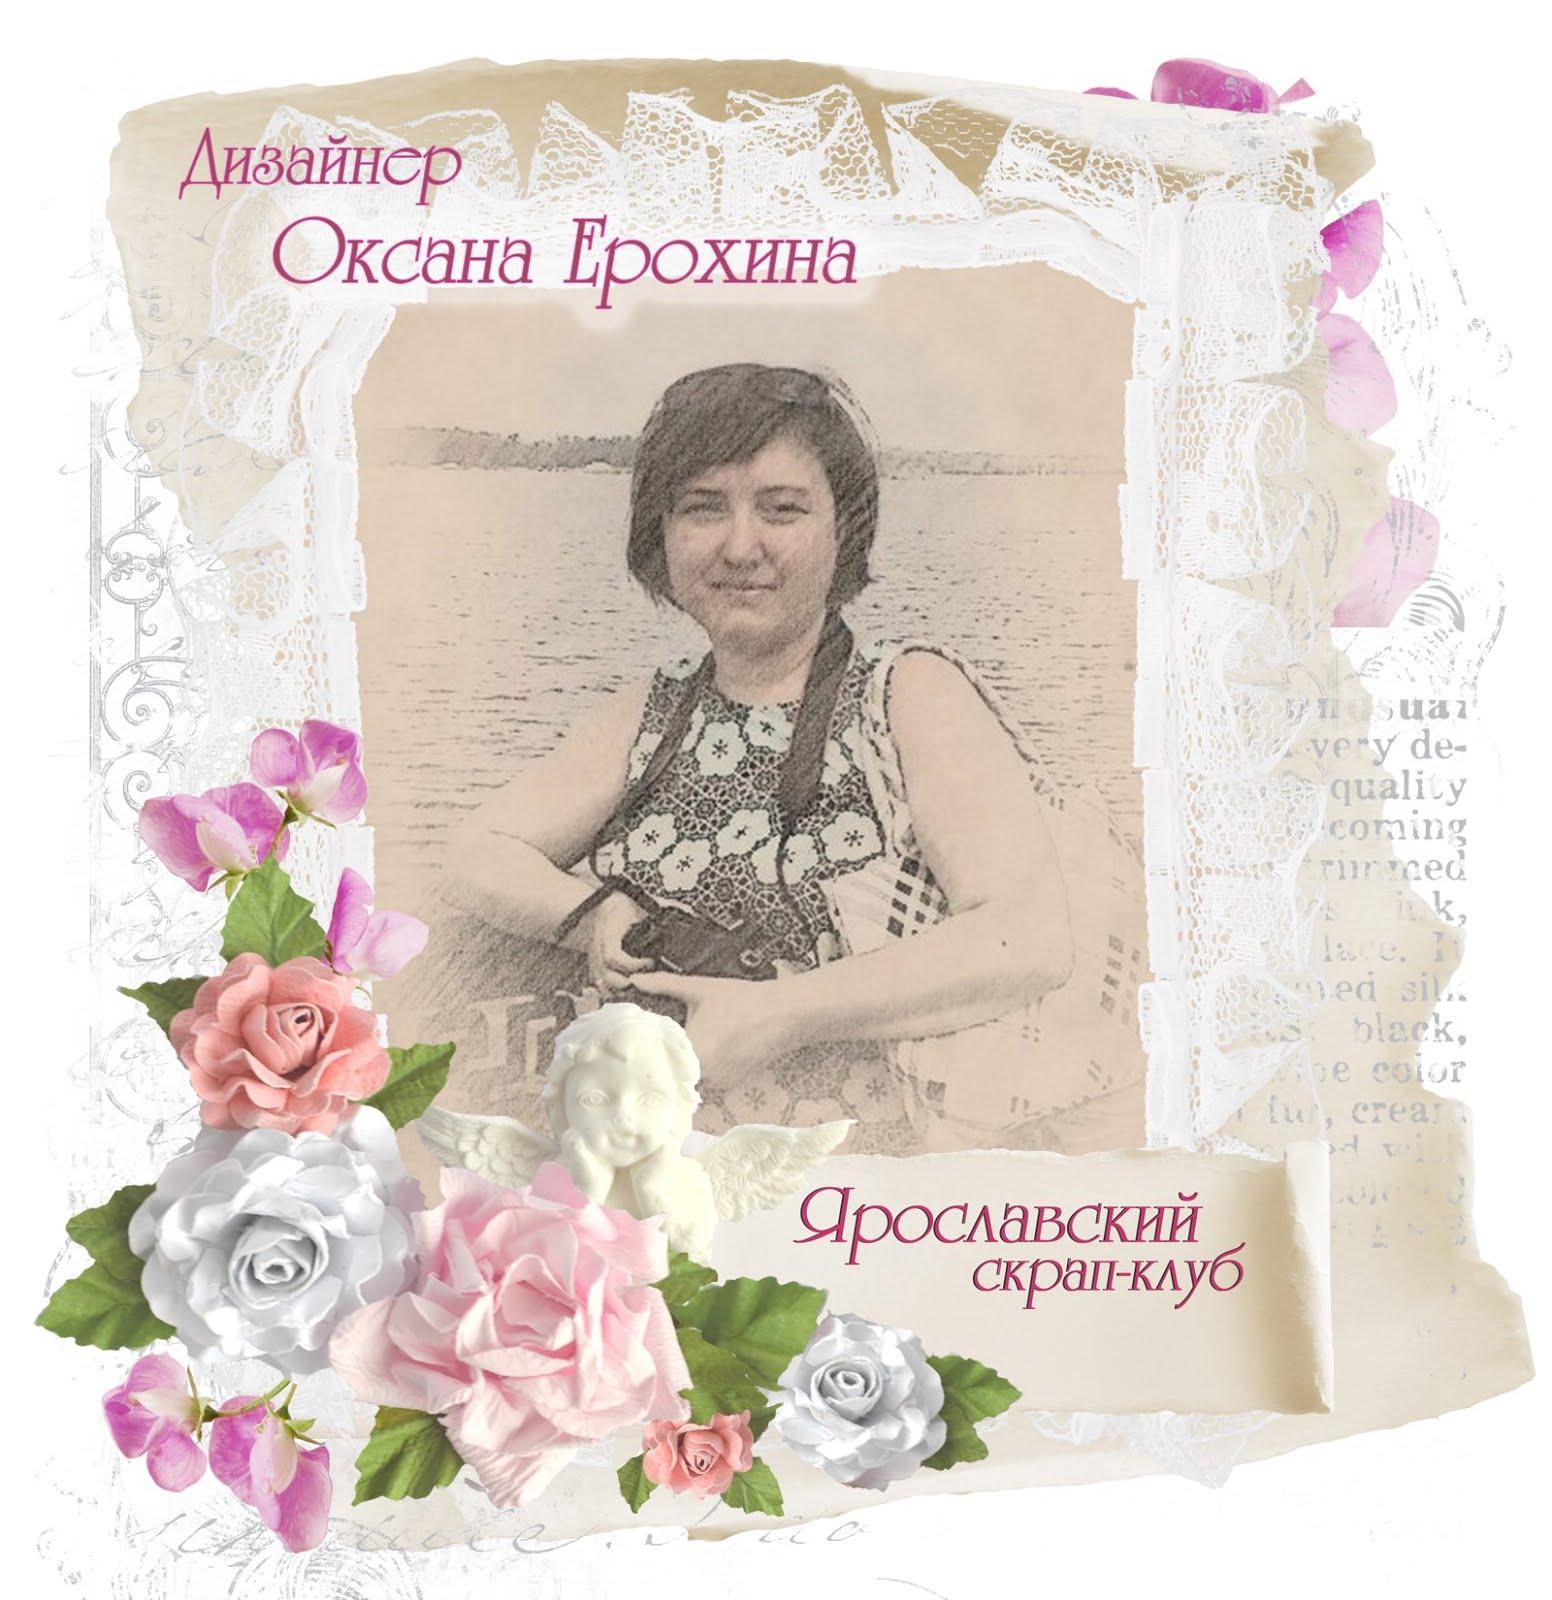 Была дизайнером Ярославского СК